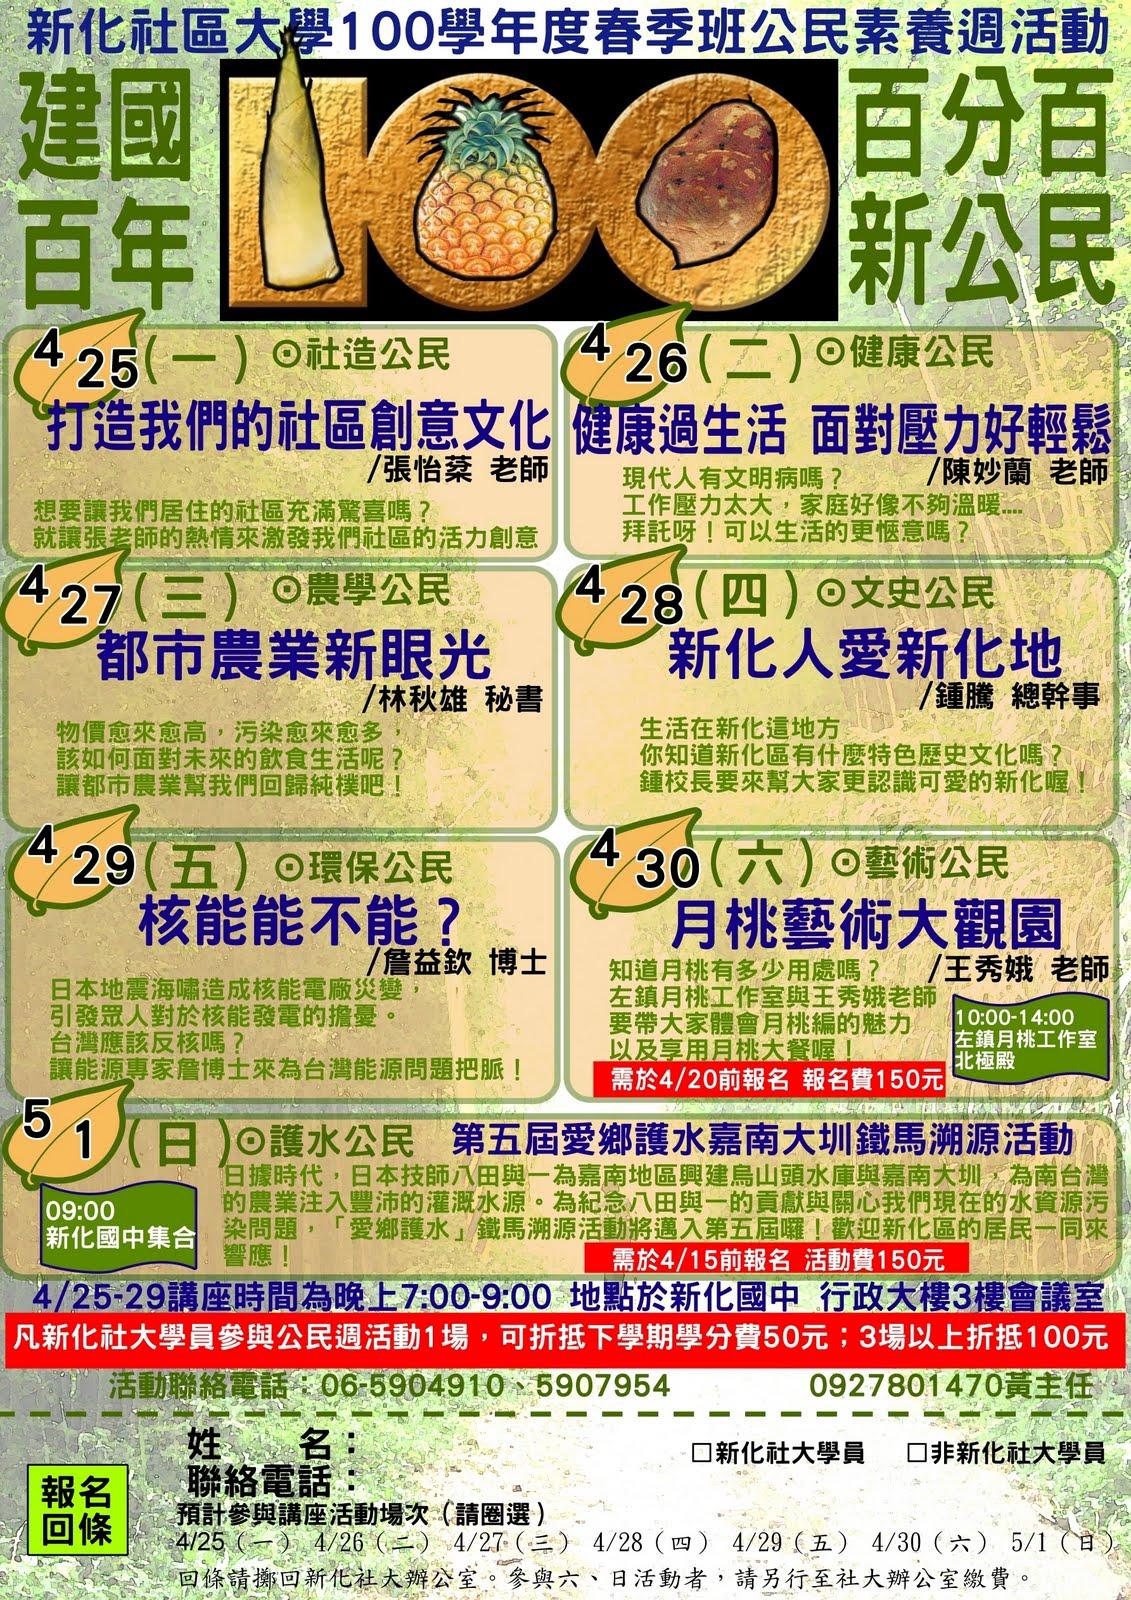 新化社區大學-我們的幸福夢想紀錄: 100春季班公民素養週來囉!